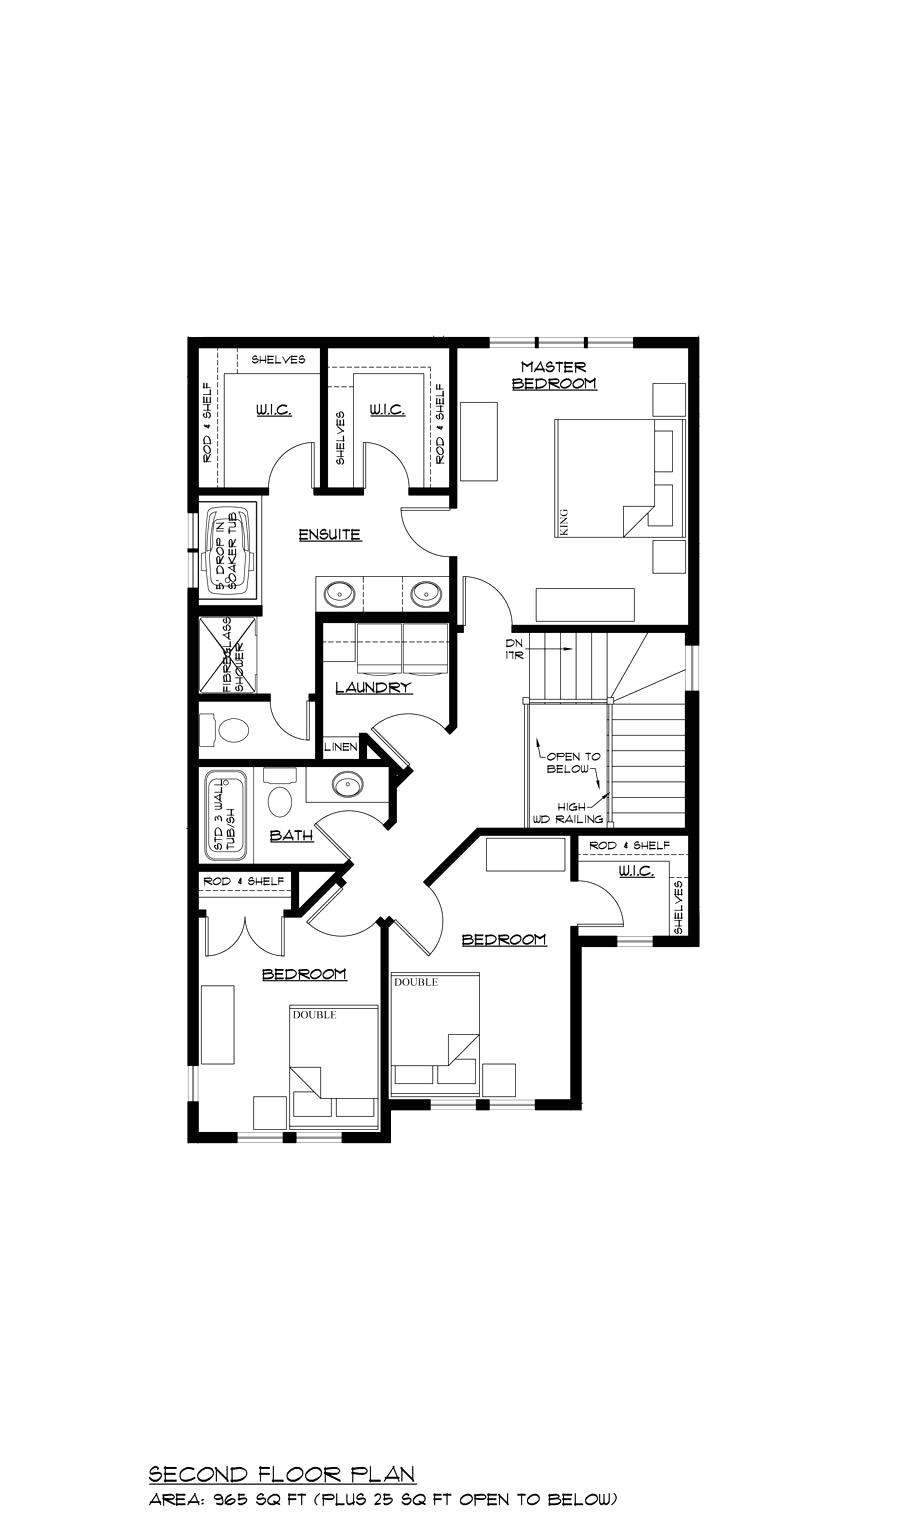 aubrey-second-floor.jpg